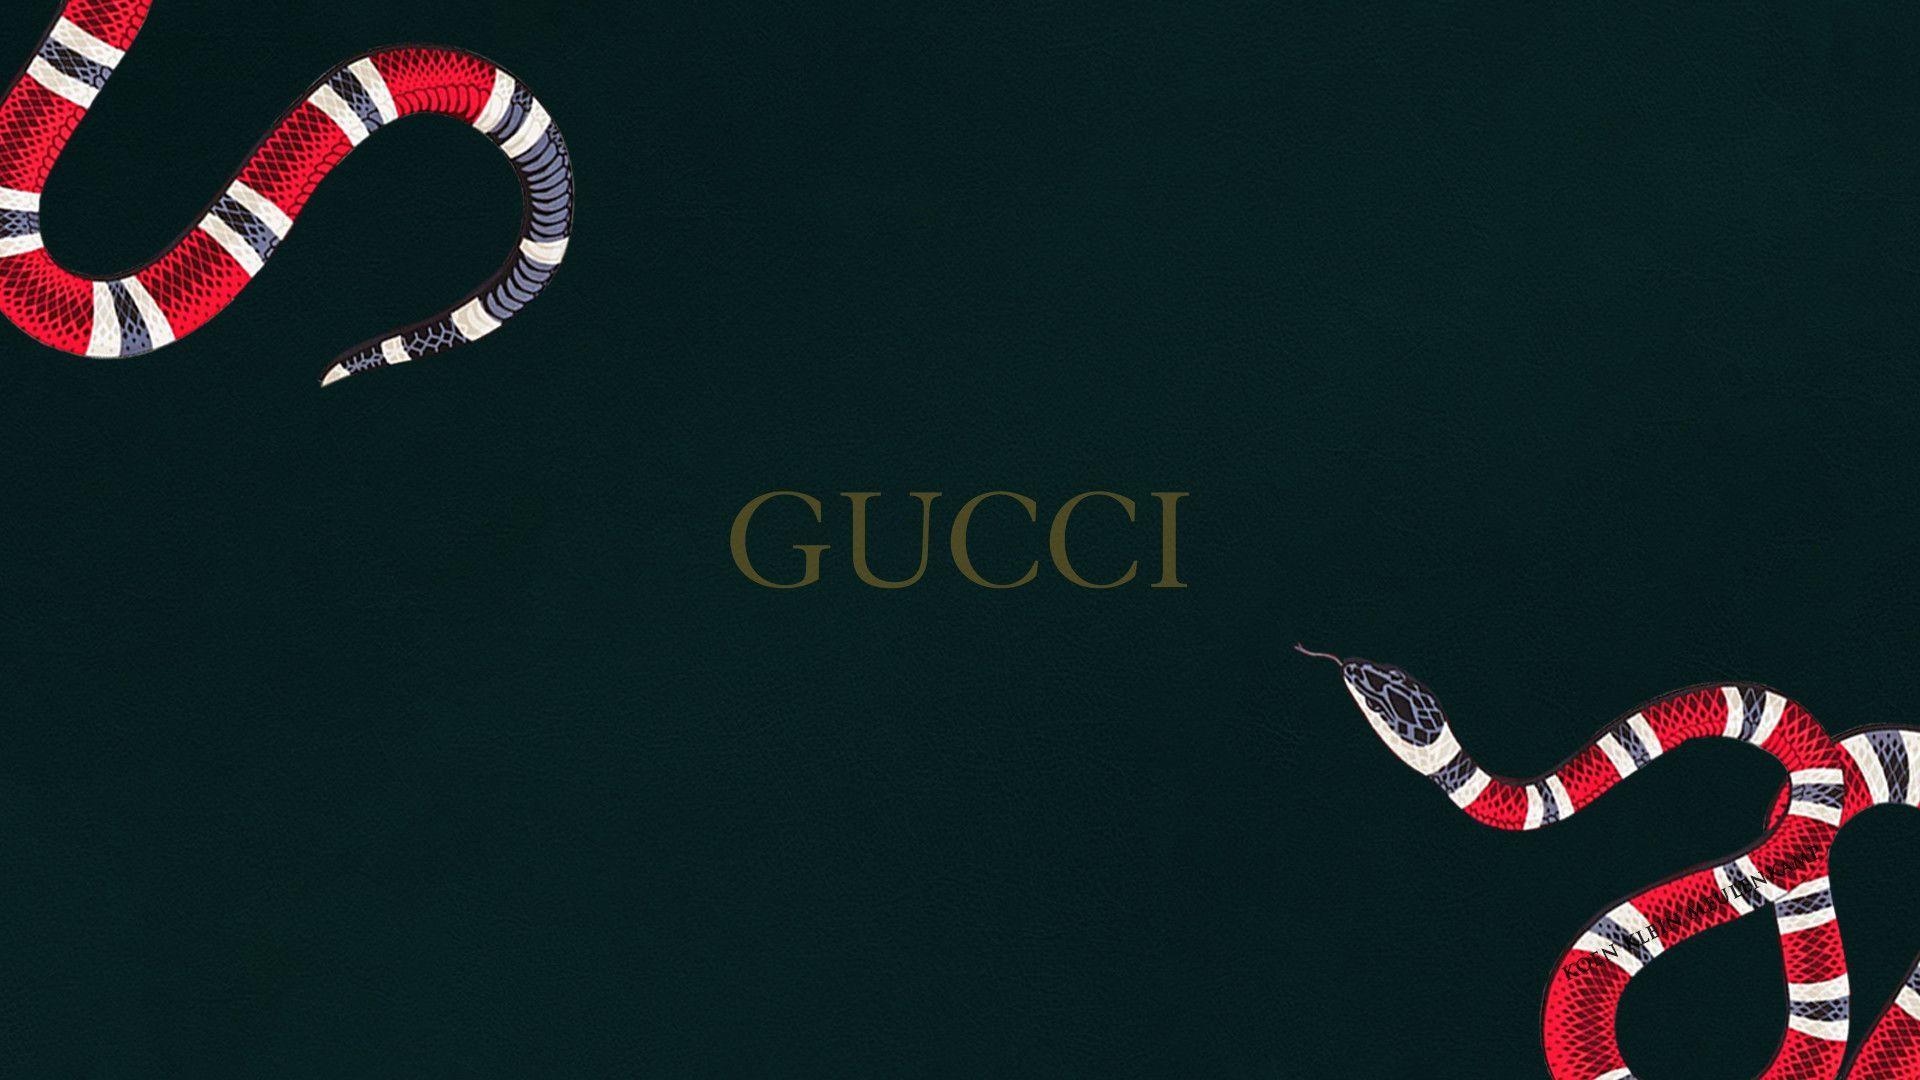 Laptob Supreme Gucci Wallpapers   Top Laptob Supreme Gucci 1920x1080